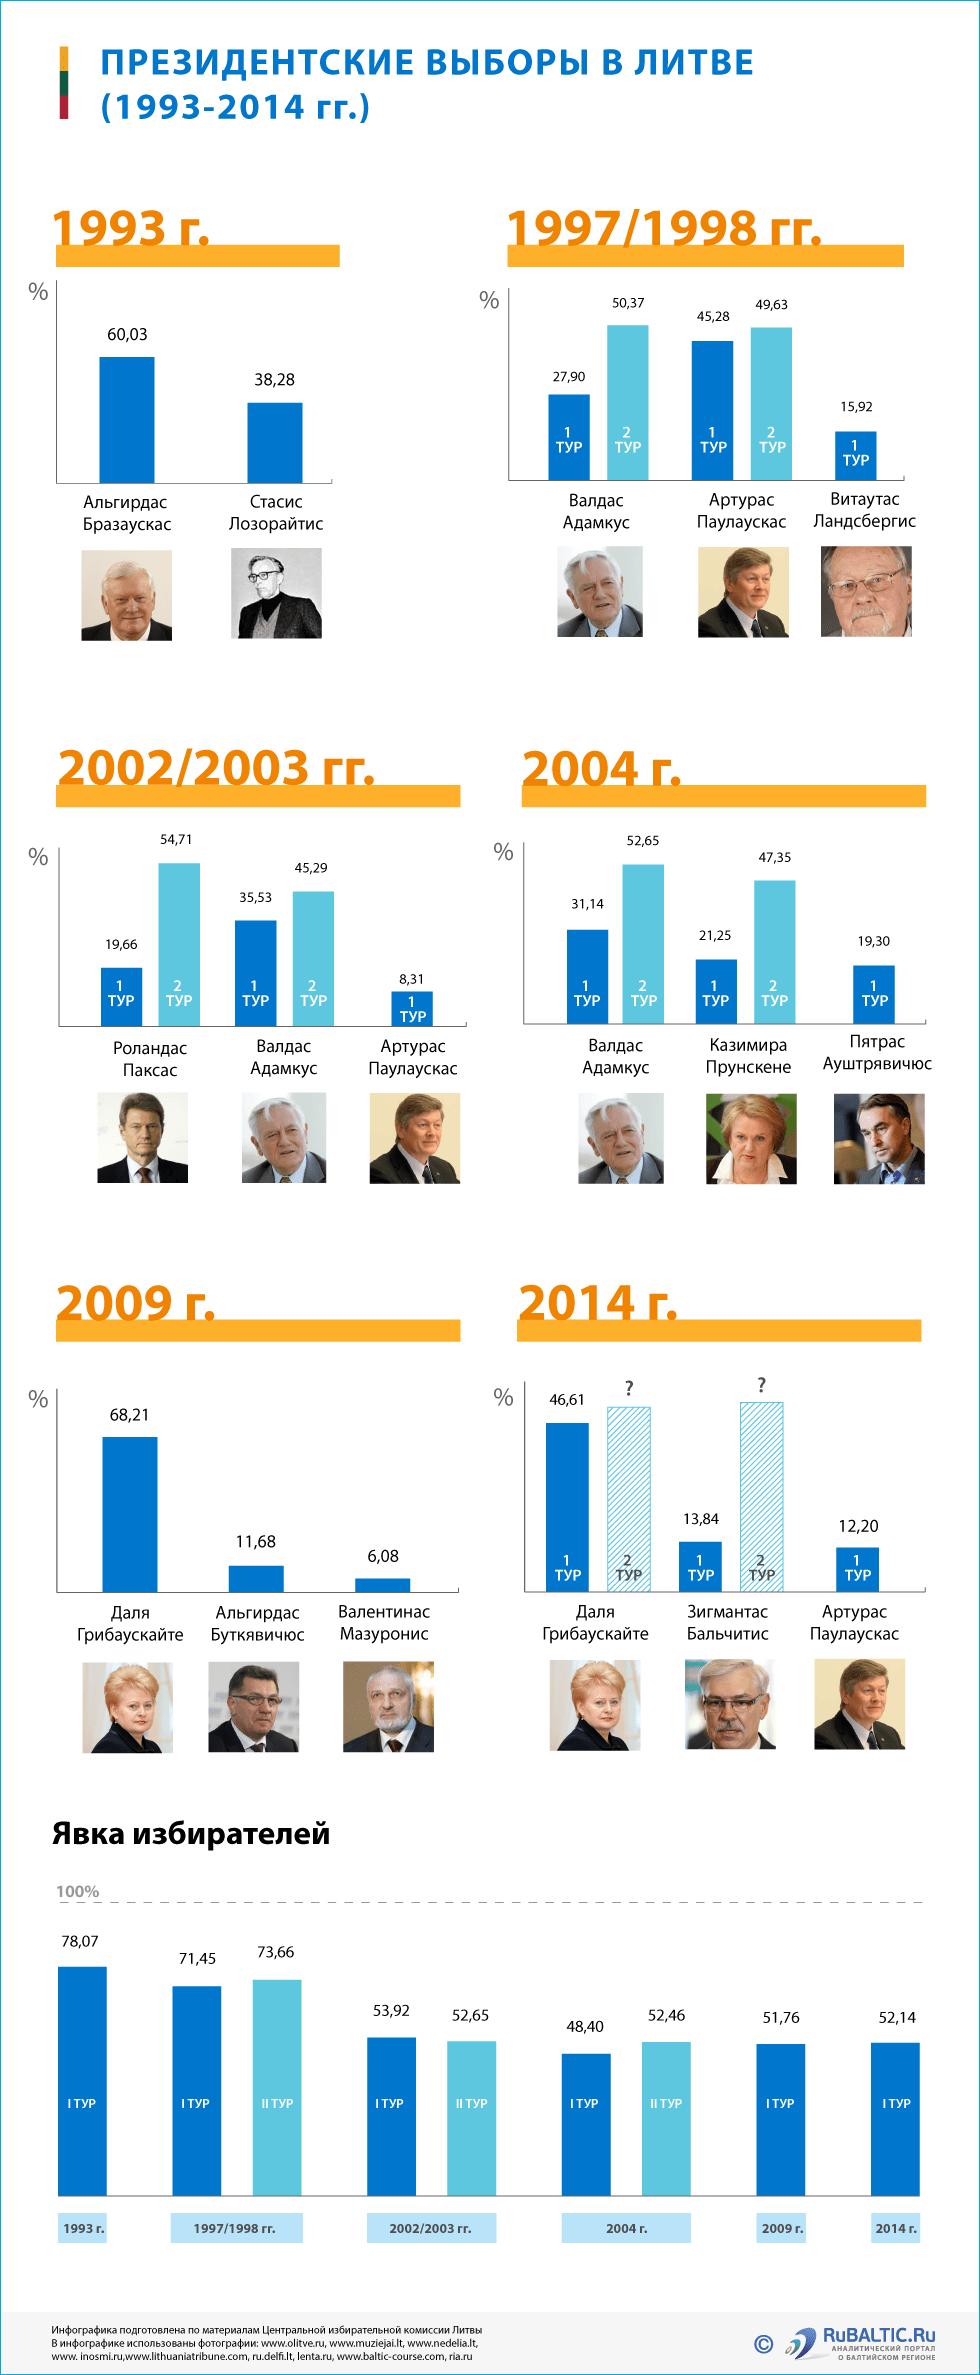 Инфографика: Президентские выборы в Литве 2014